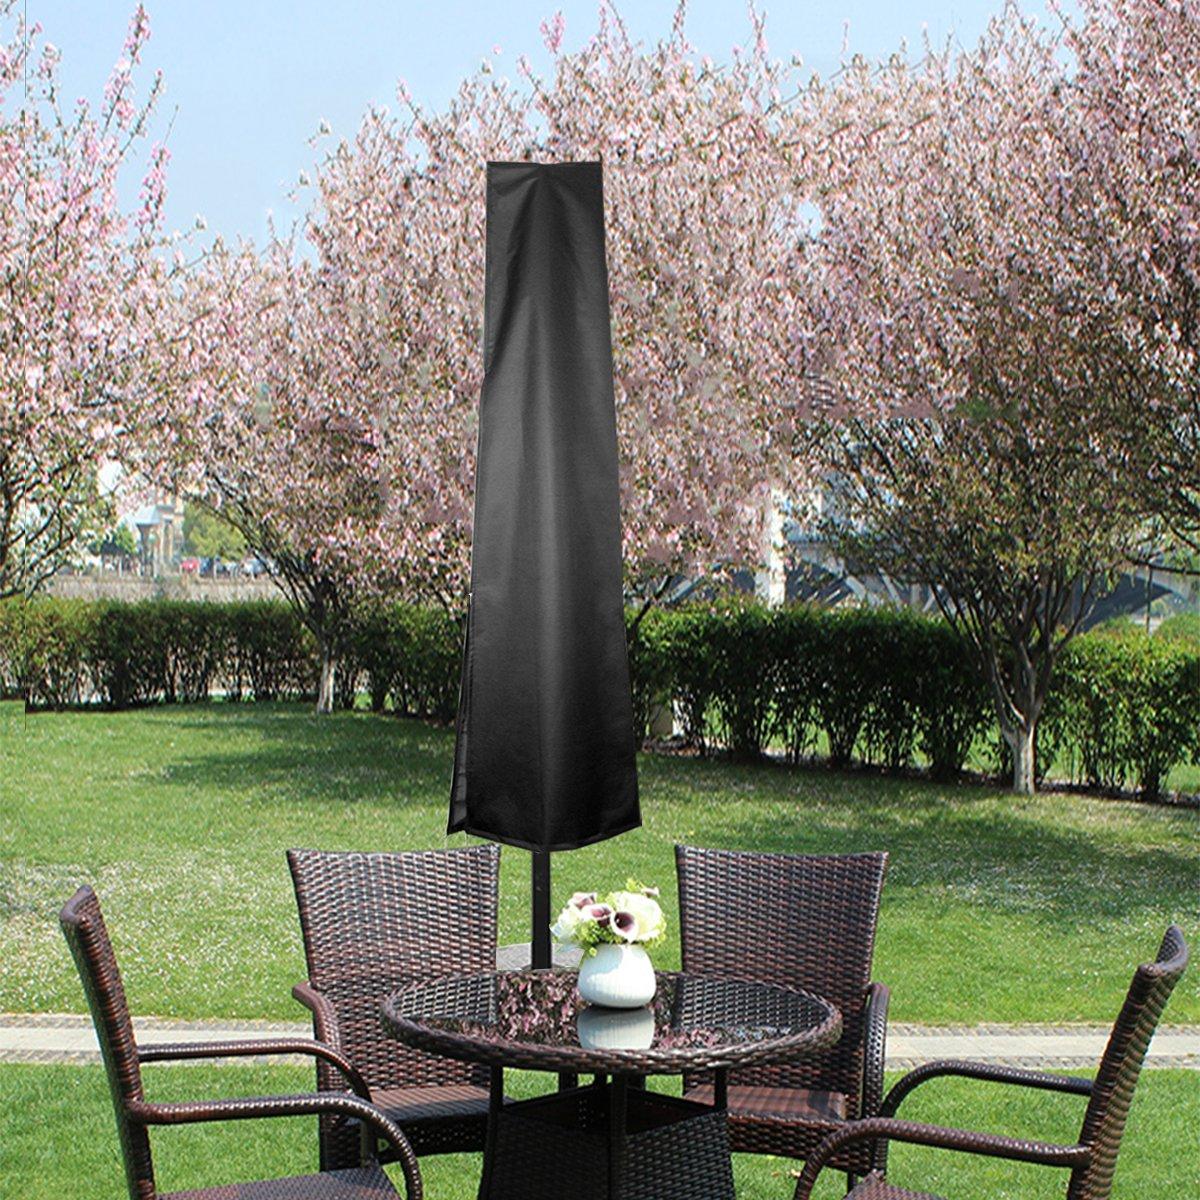 bedee Housse de Protection pour Parasol, Déporté 210D Oxford Couverture pour Parasol (Diamètre de Parasol 2.4-3.5m), Antipoussière Imperméable Résistant aux UV Intempéries, avec Sac de Rangement